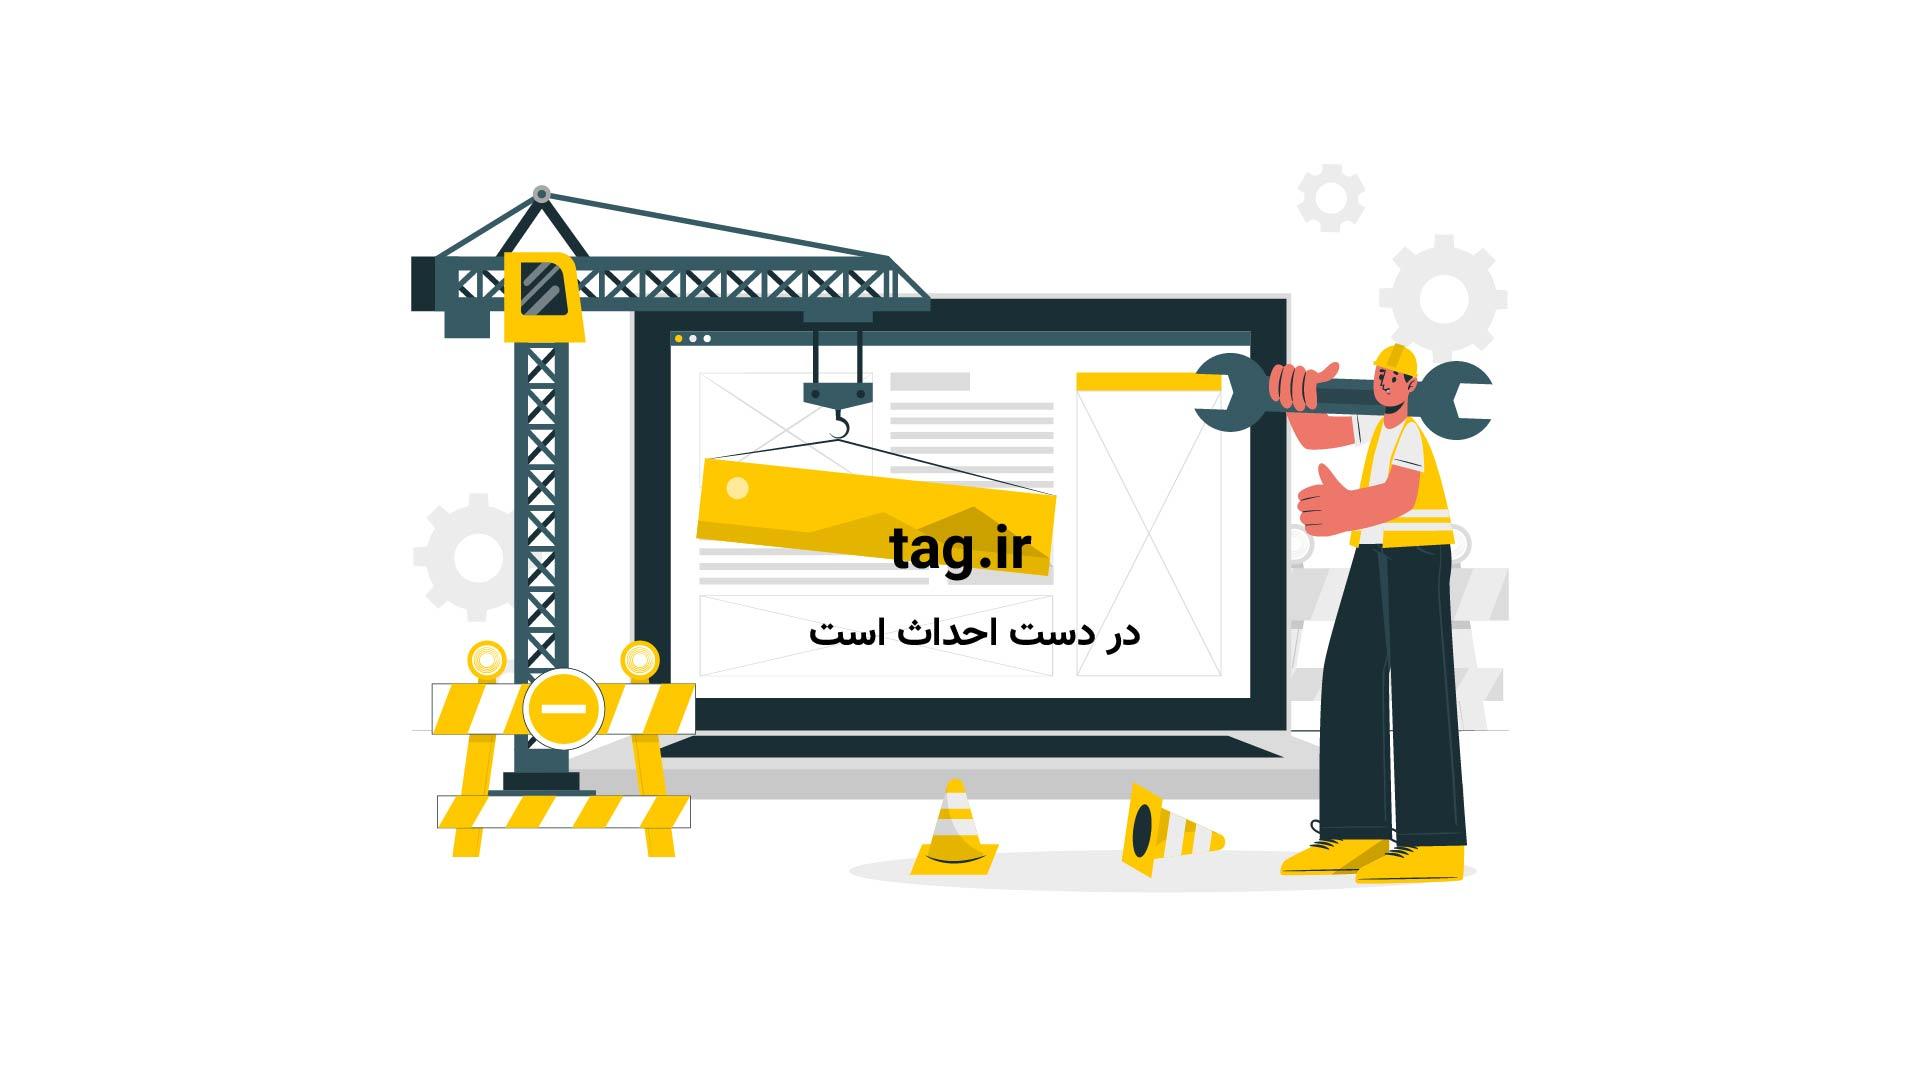 ده حیوانی که بلندترین صدا را بین حیوانات دارند   فیلم